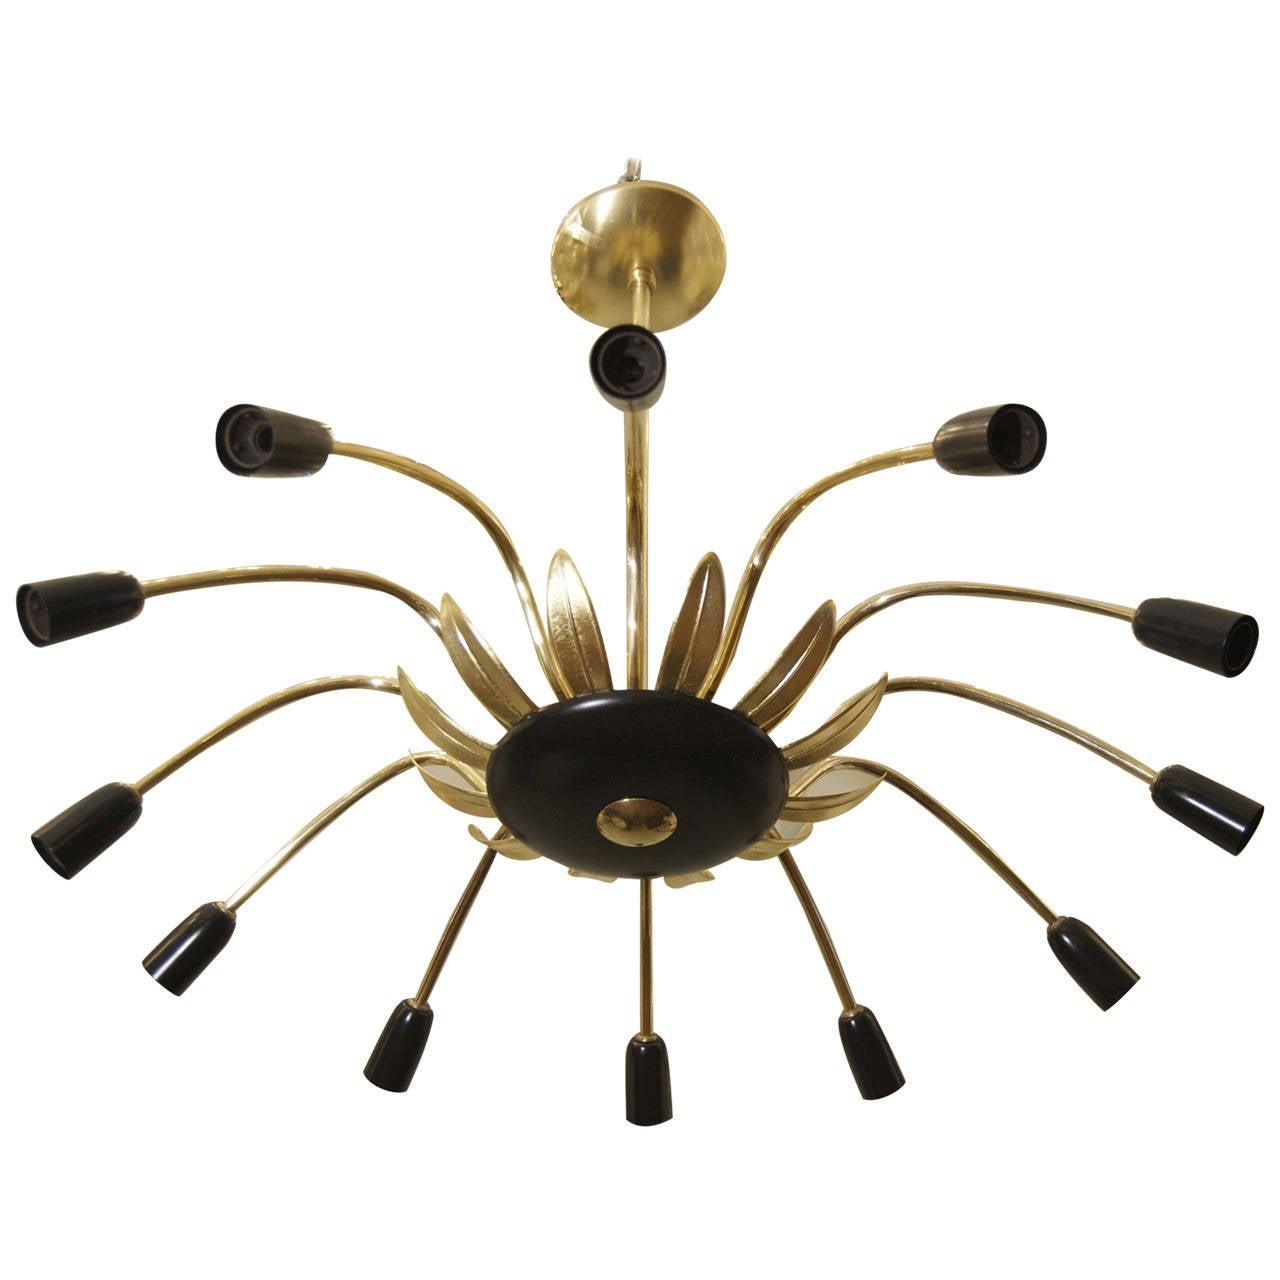 Twelve-Arm Stilnovo Style Chandelier in Black, Gold and Brass